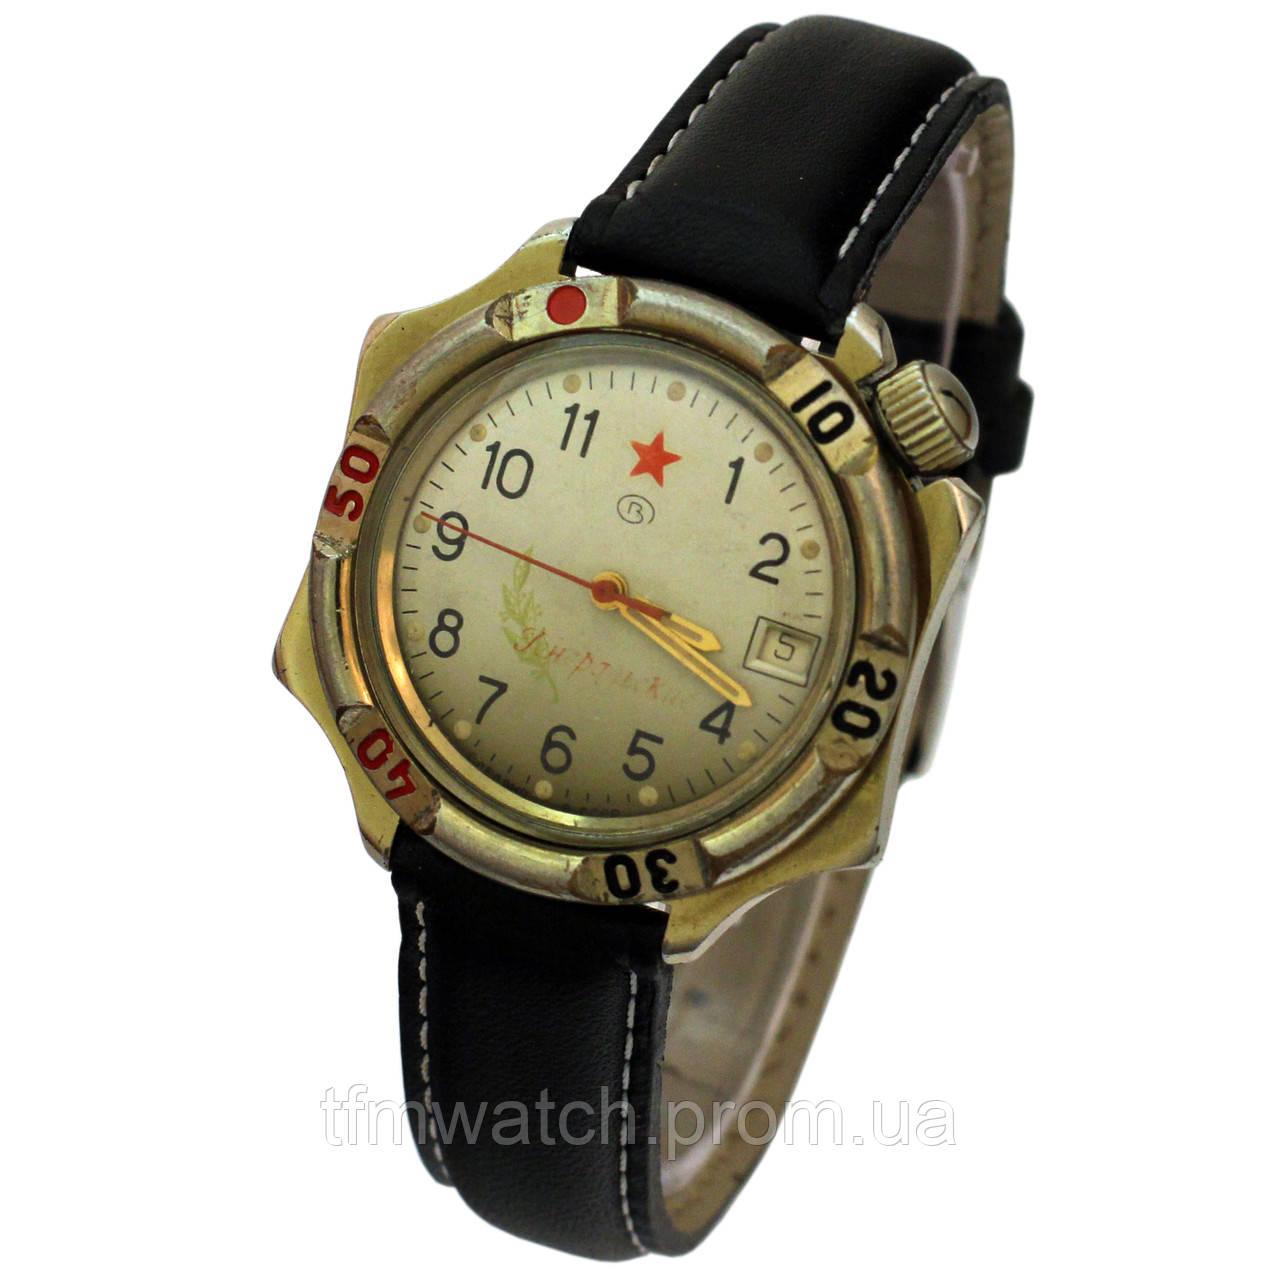 Генеральские часы купить в москве часы наручные хорошие с китая